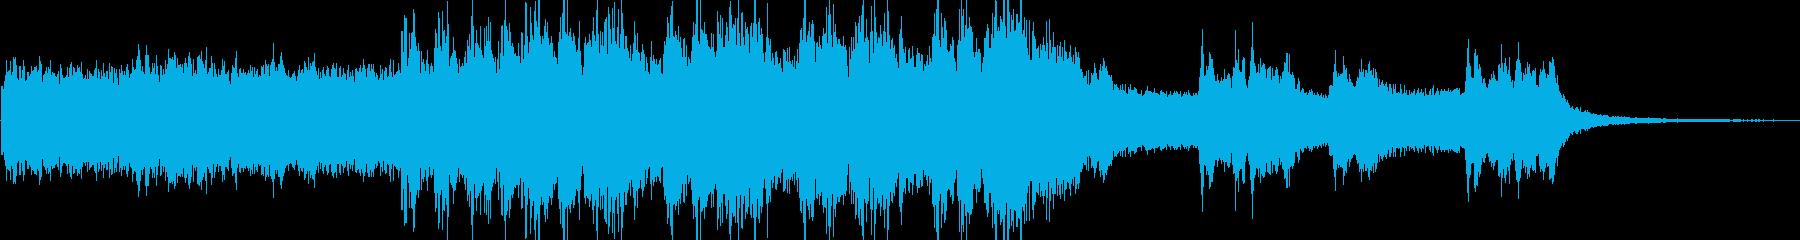 ゲーム音楽の雰囲気を抑揚したような楽曲の再生済みの波形